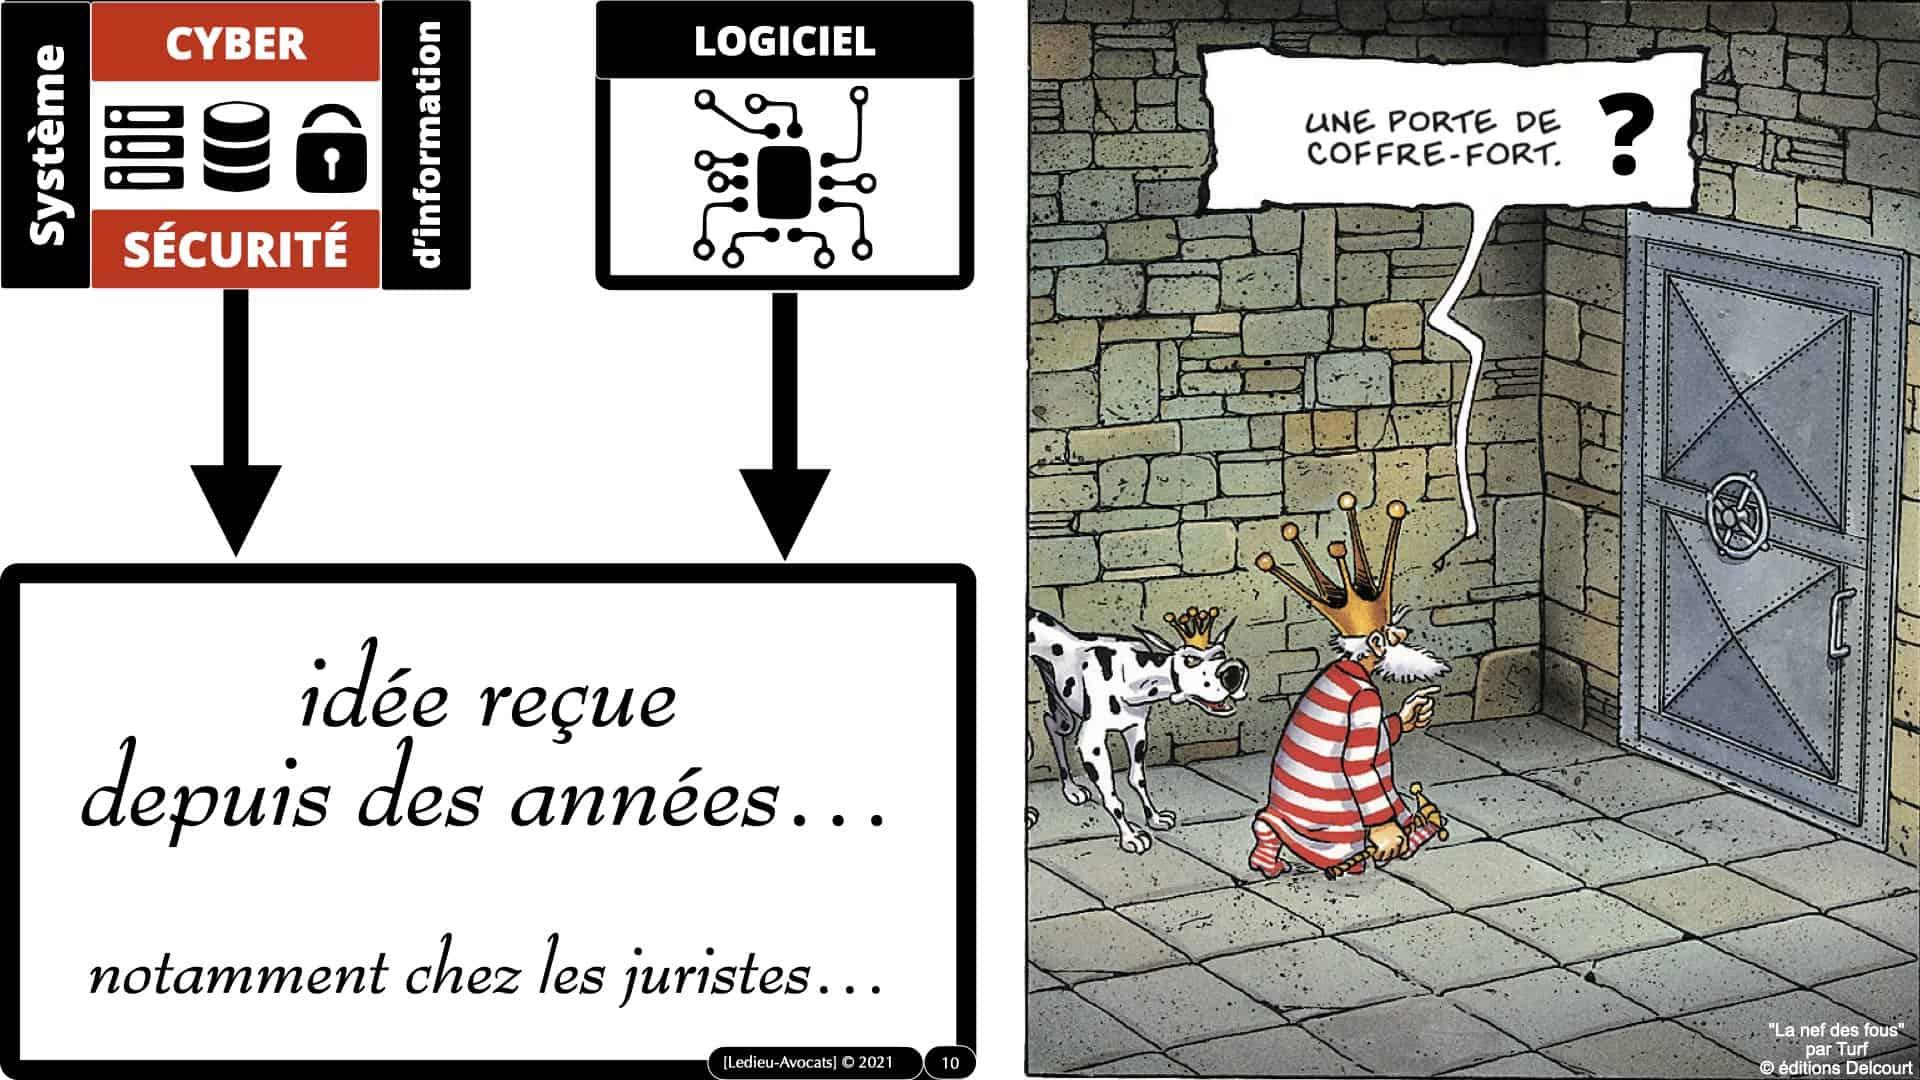 330 CYBER ATTAQUE © Ledieu-Avocats 09-03-2021.010